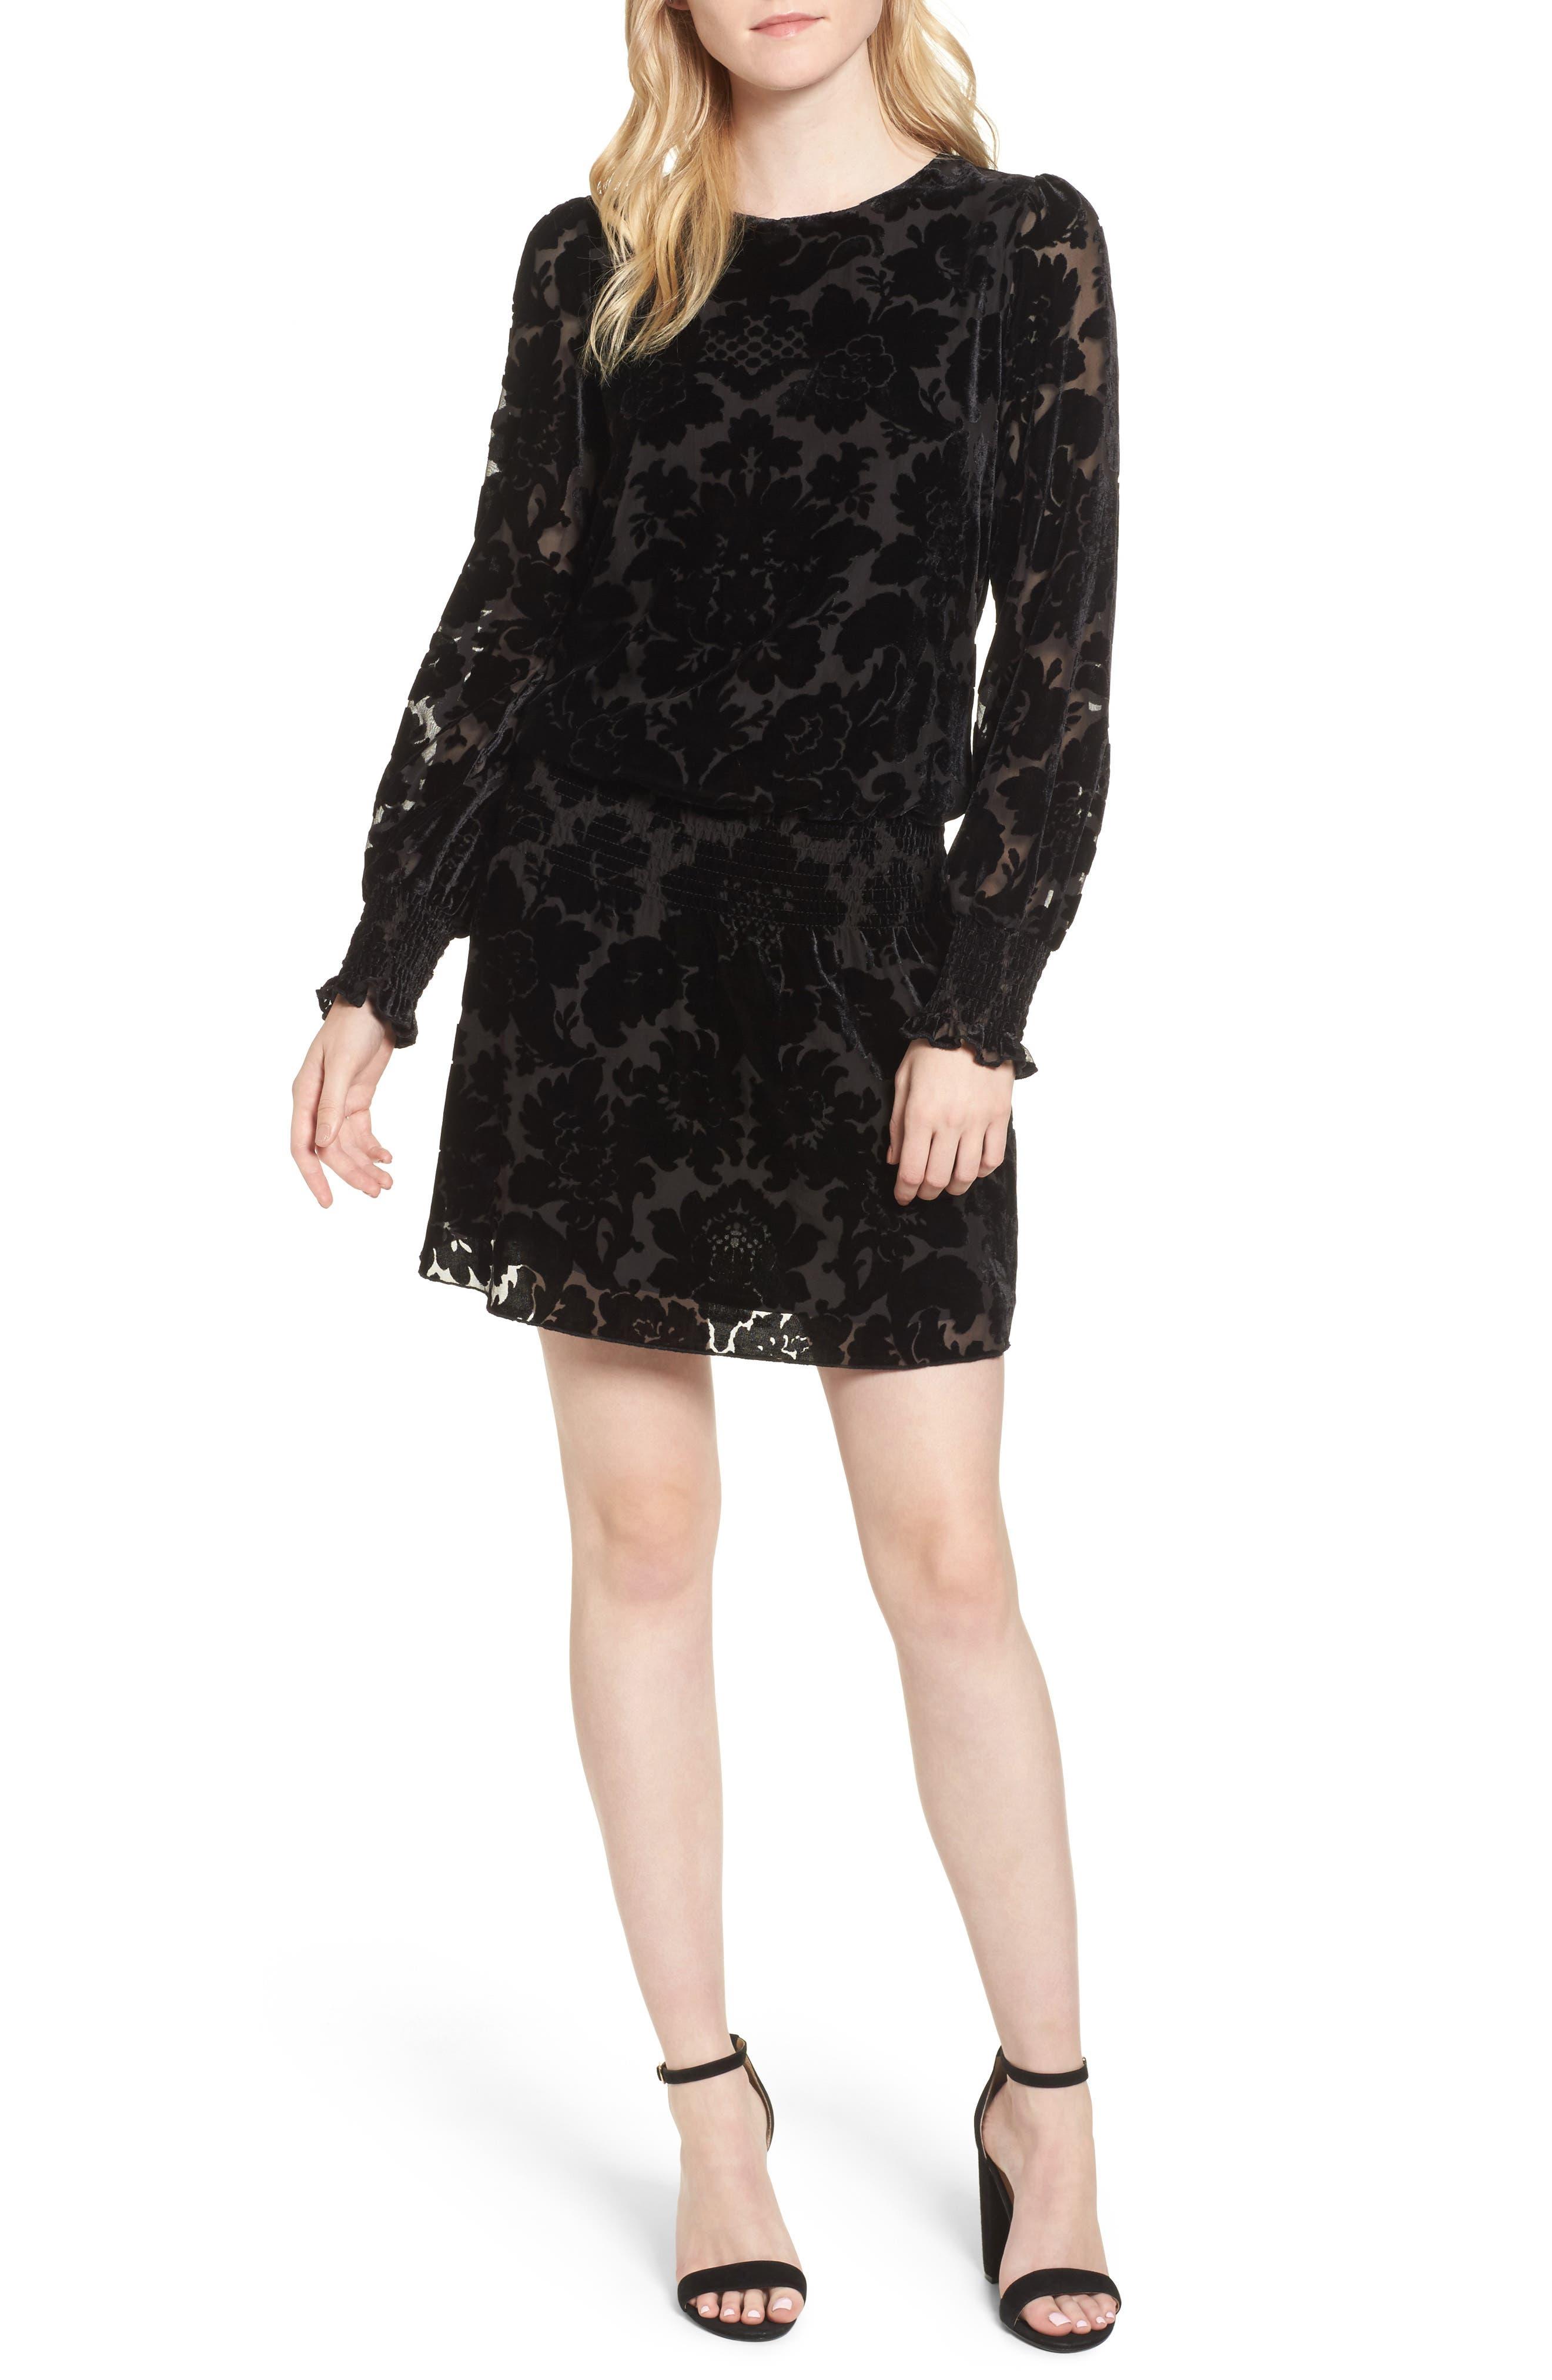 Carmindy Blouson Dress,                         Main,                         color, Black